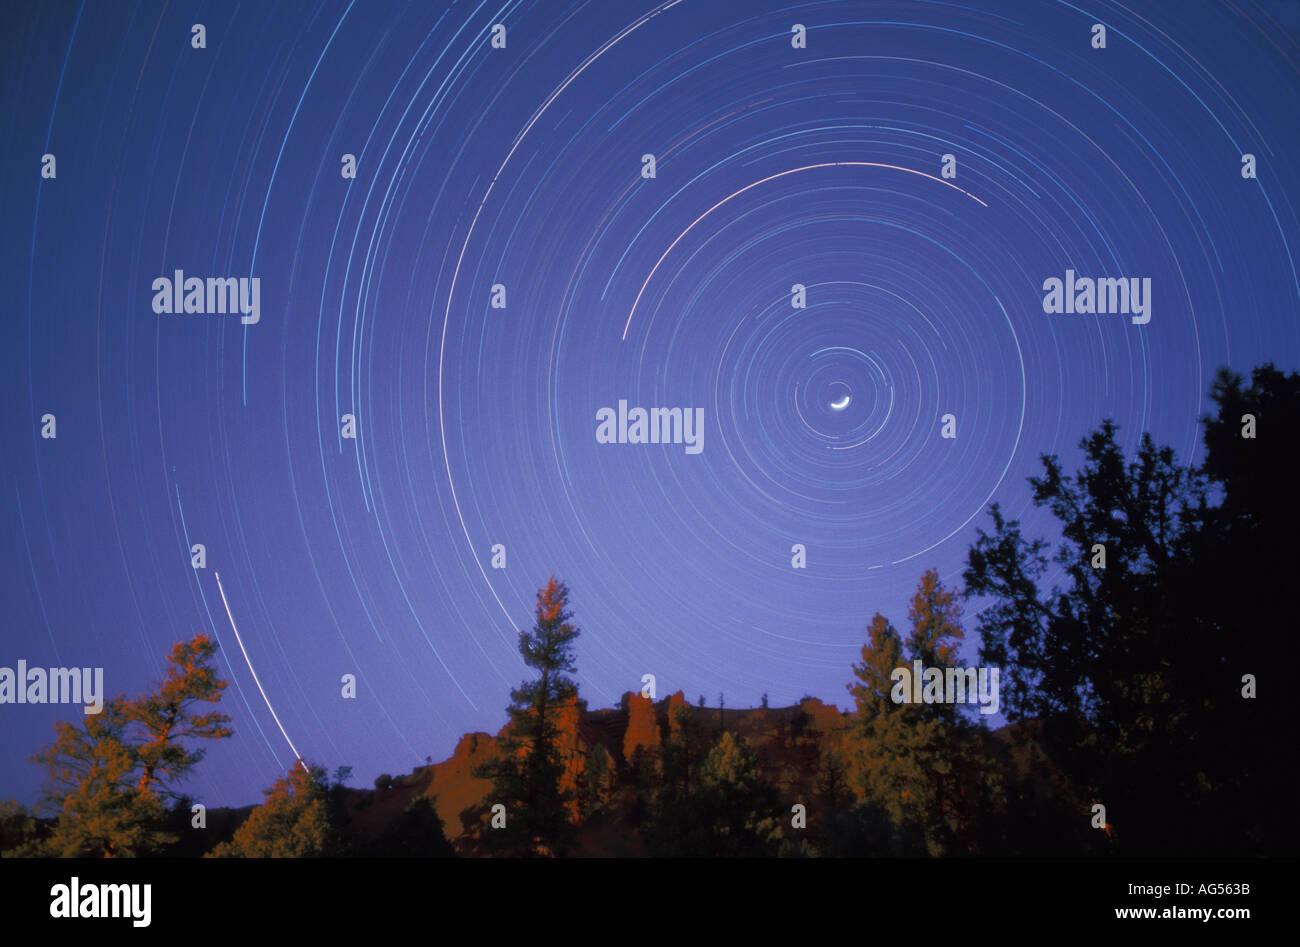 Tracce stellari Tempo esposizione del cielo notturno Immagini Stock